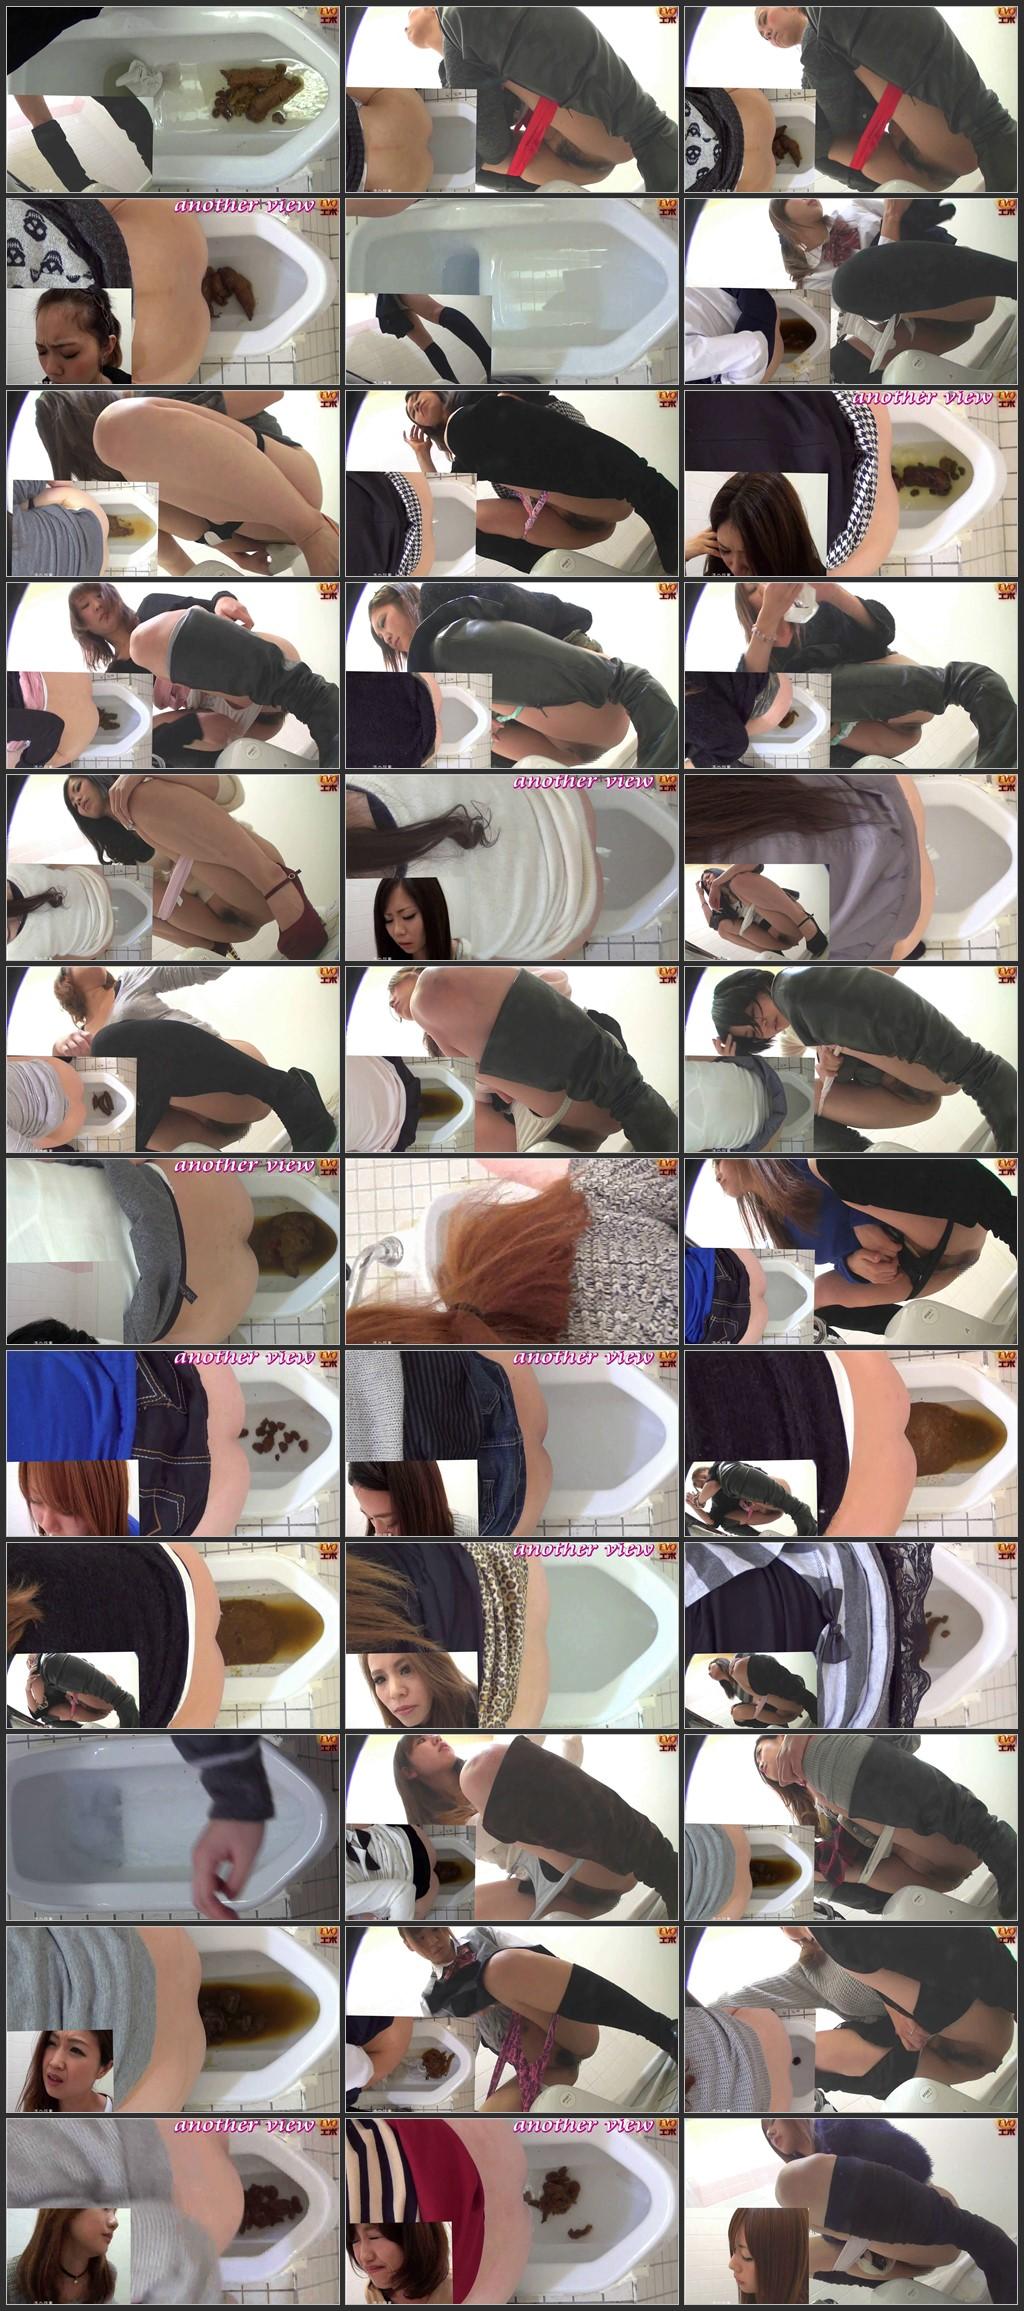 E28 05 - [E28-05] 盗覗3カメトイレ 便器に溜まるウンコ トイレ(盗撮) 盗撮 Scat